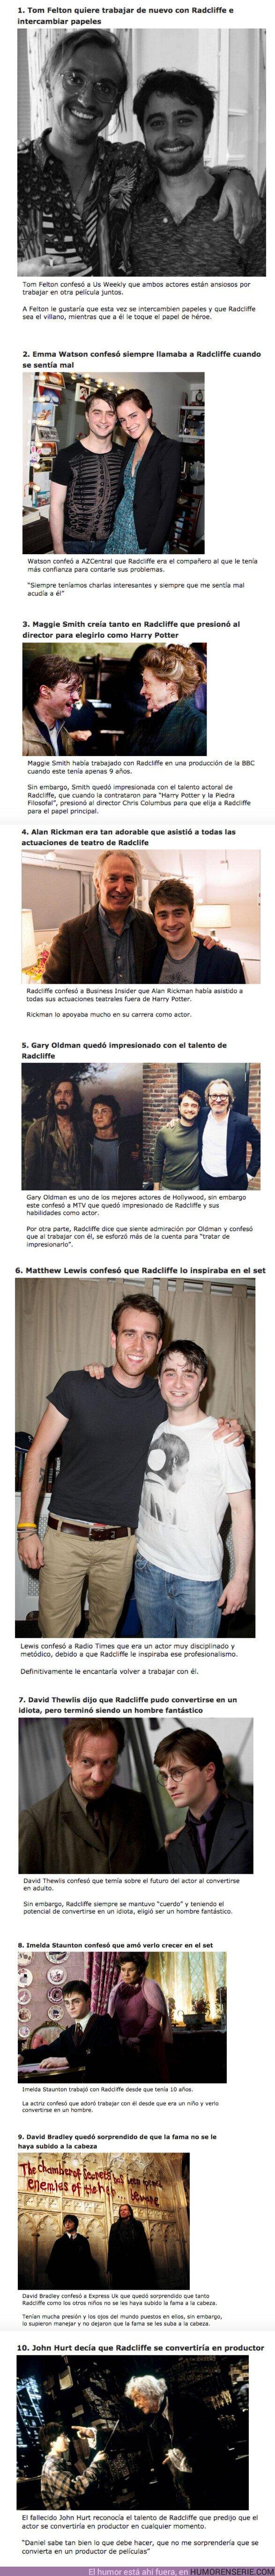 60717 - GALERÍA: 10 Actores de Harry Potter confesaron la opinión que tienen de Daniel Radcliffe